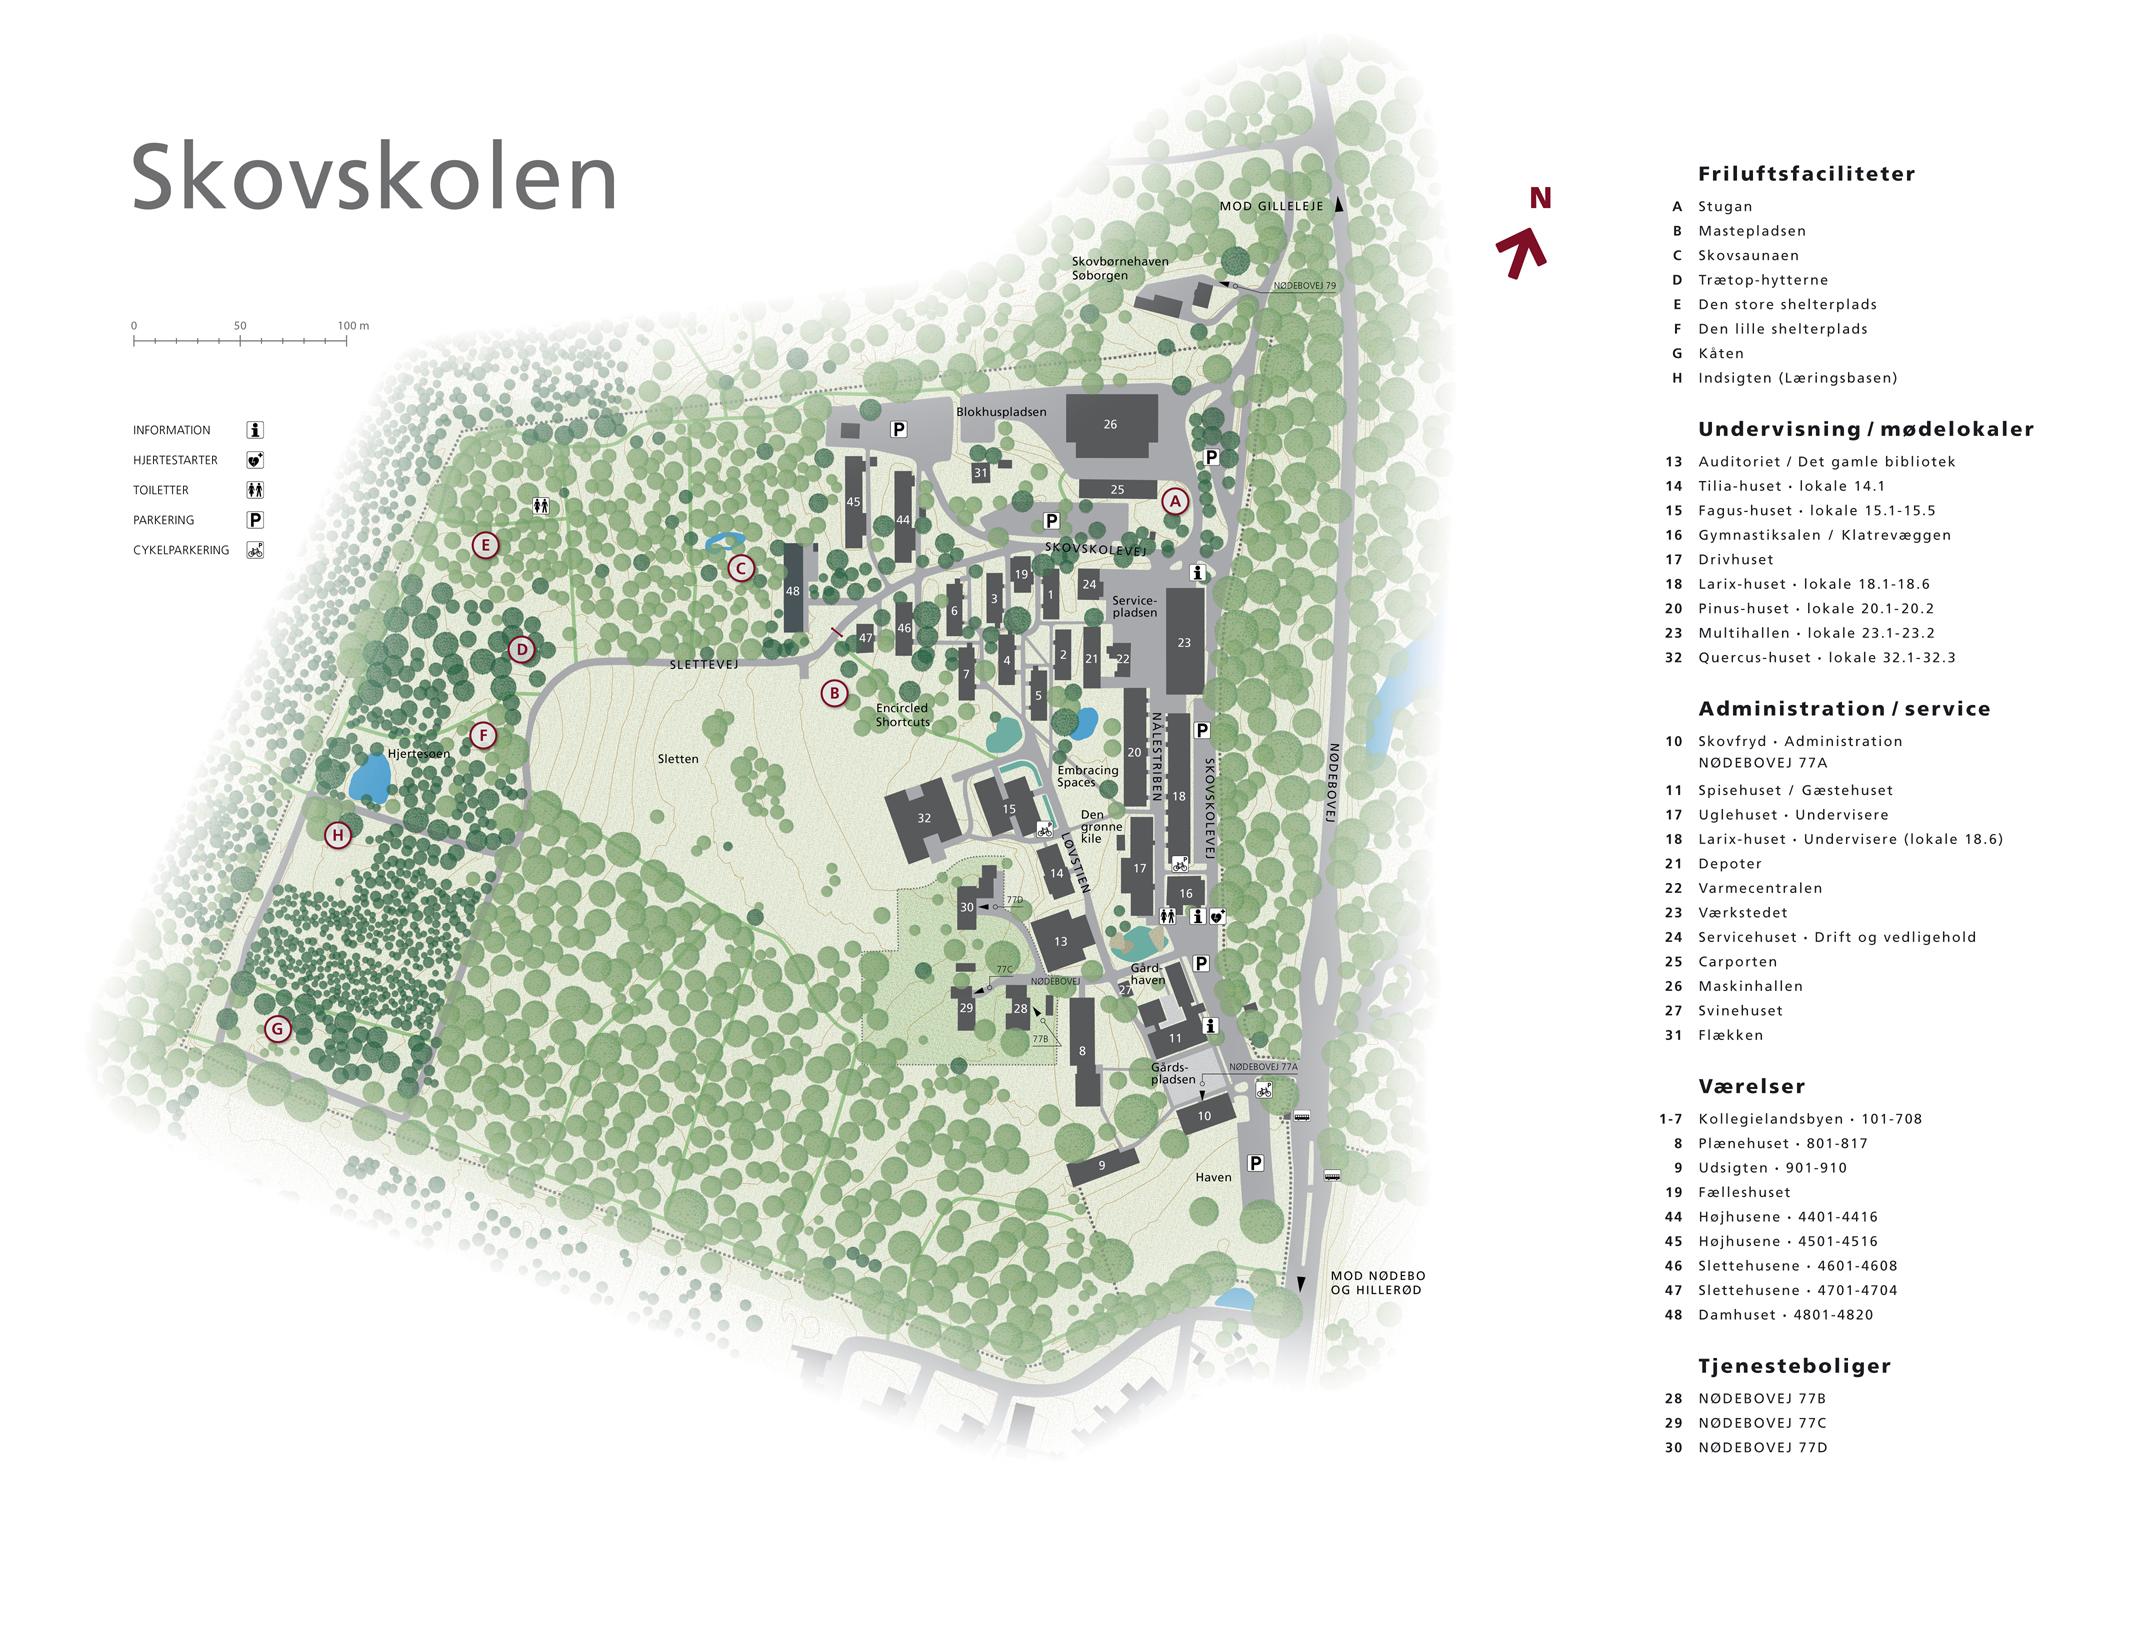 Booking Af Faciliteter Pa Skovskolens Omrade Kobenhavns Universitet